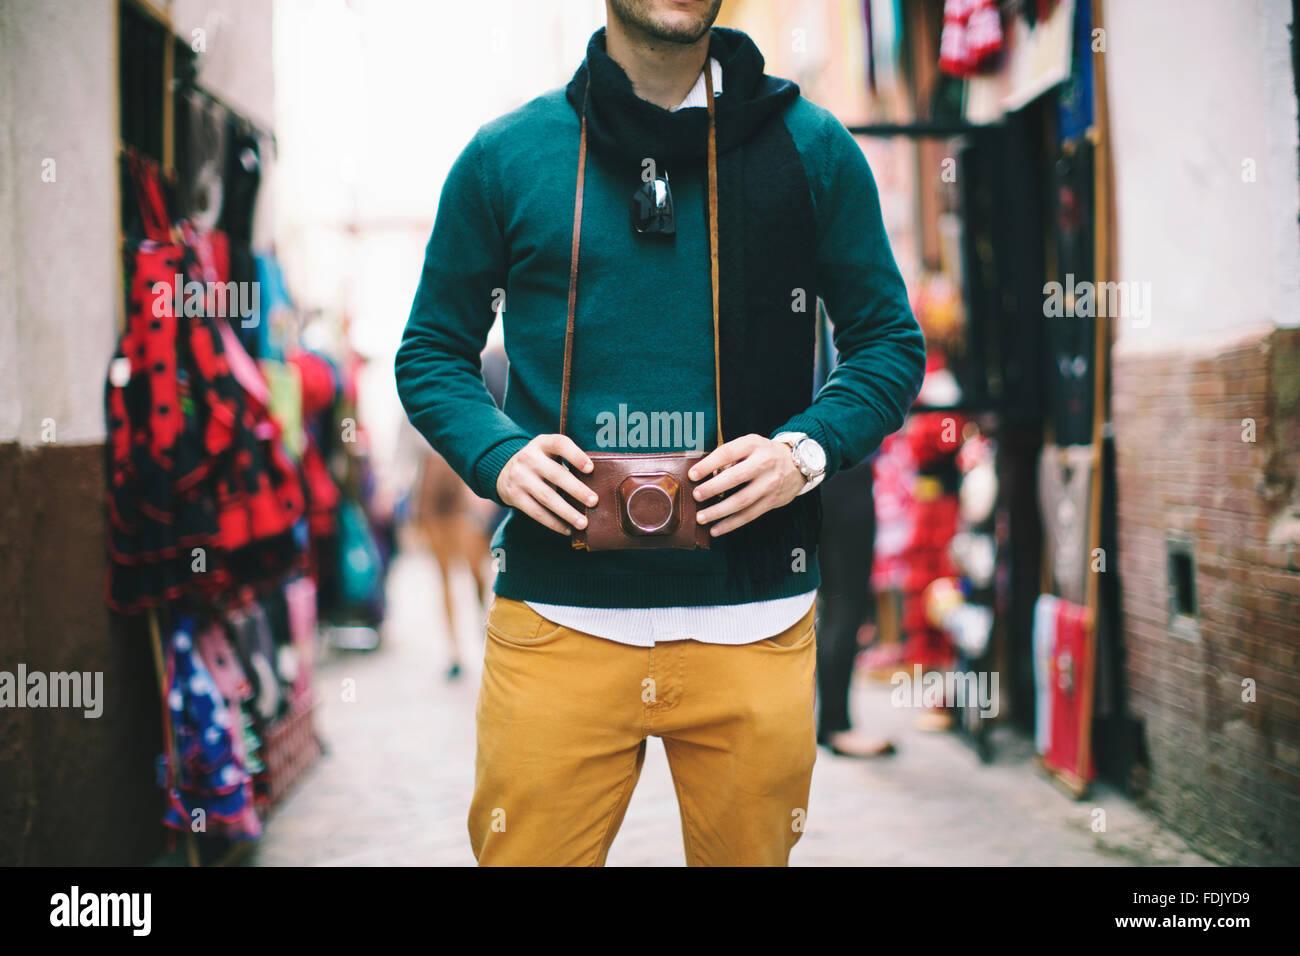 Jeune homme tenant un appareil photo rétro vintage, Séville, Espagne Photo Stock